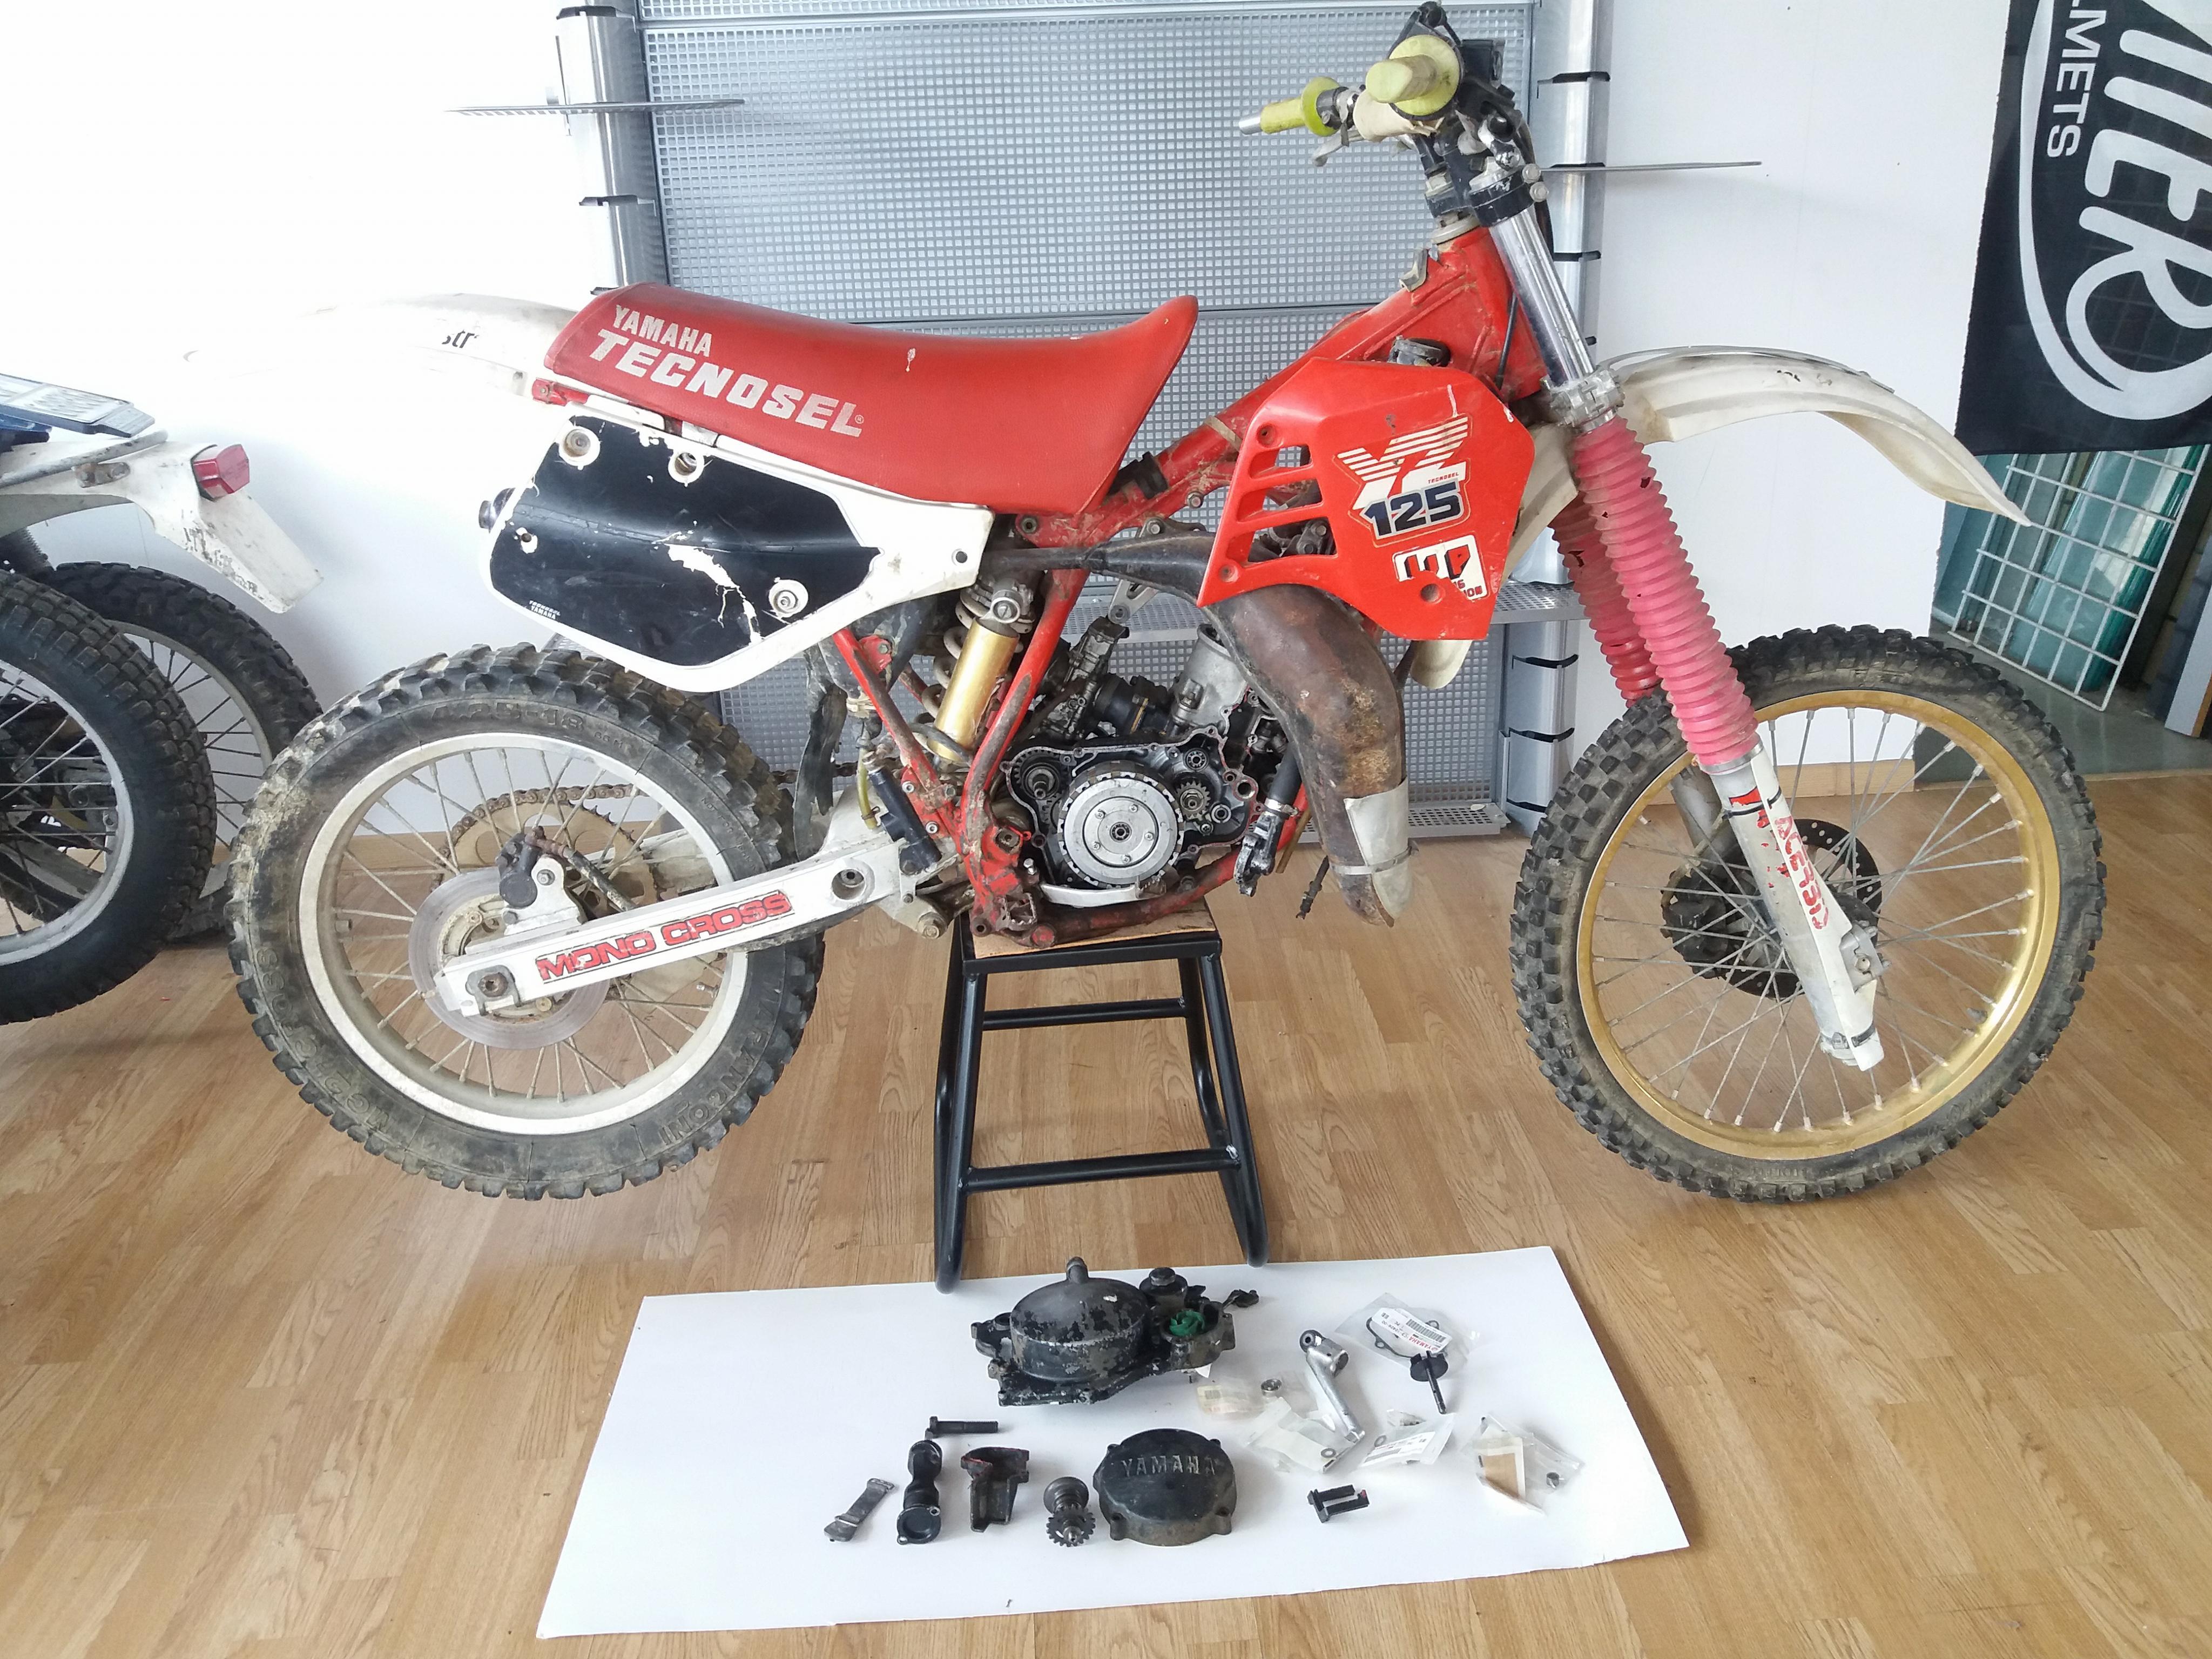 Yamaha yz 125 1988